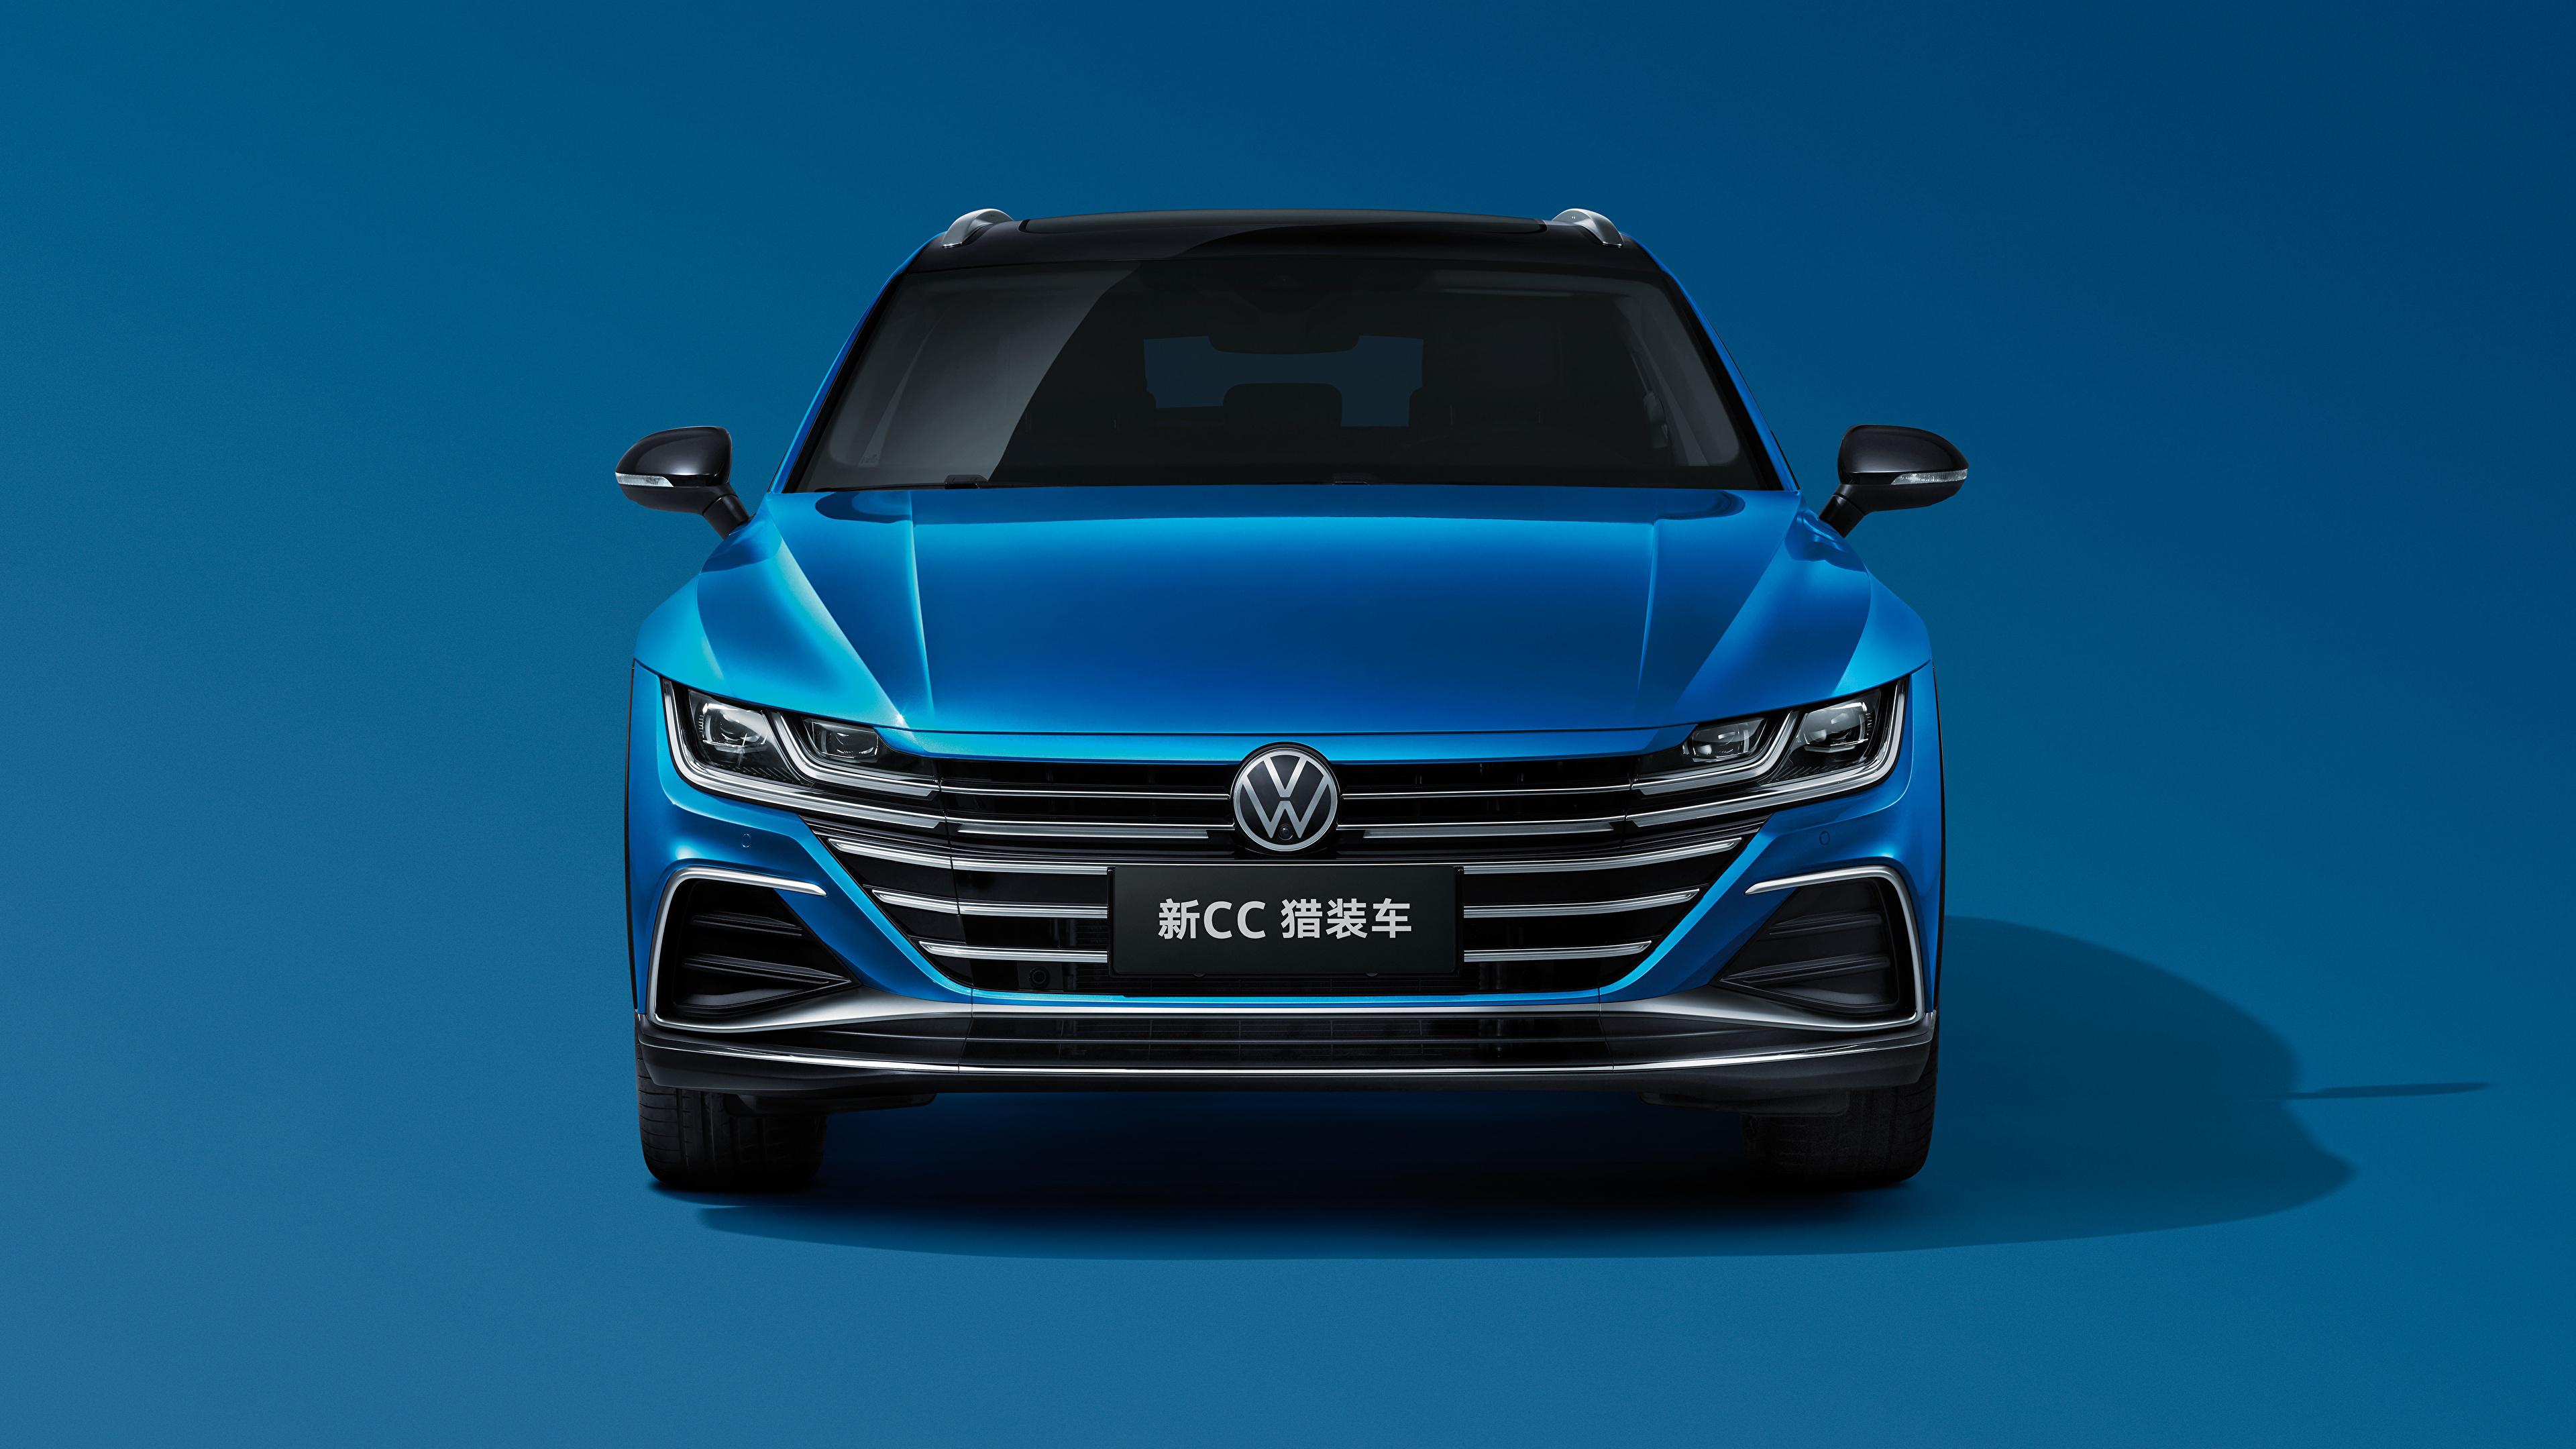 Картинка Фольксваген Универсал CC Shooting Brake 380 TSI, China, 2020 синие авто Спереди Металлик Цветной фон 3840x2160 Volkswagen синяя Синий синих машина машины Автомобили автомобиль